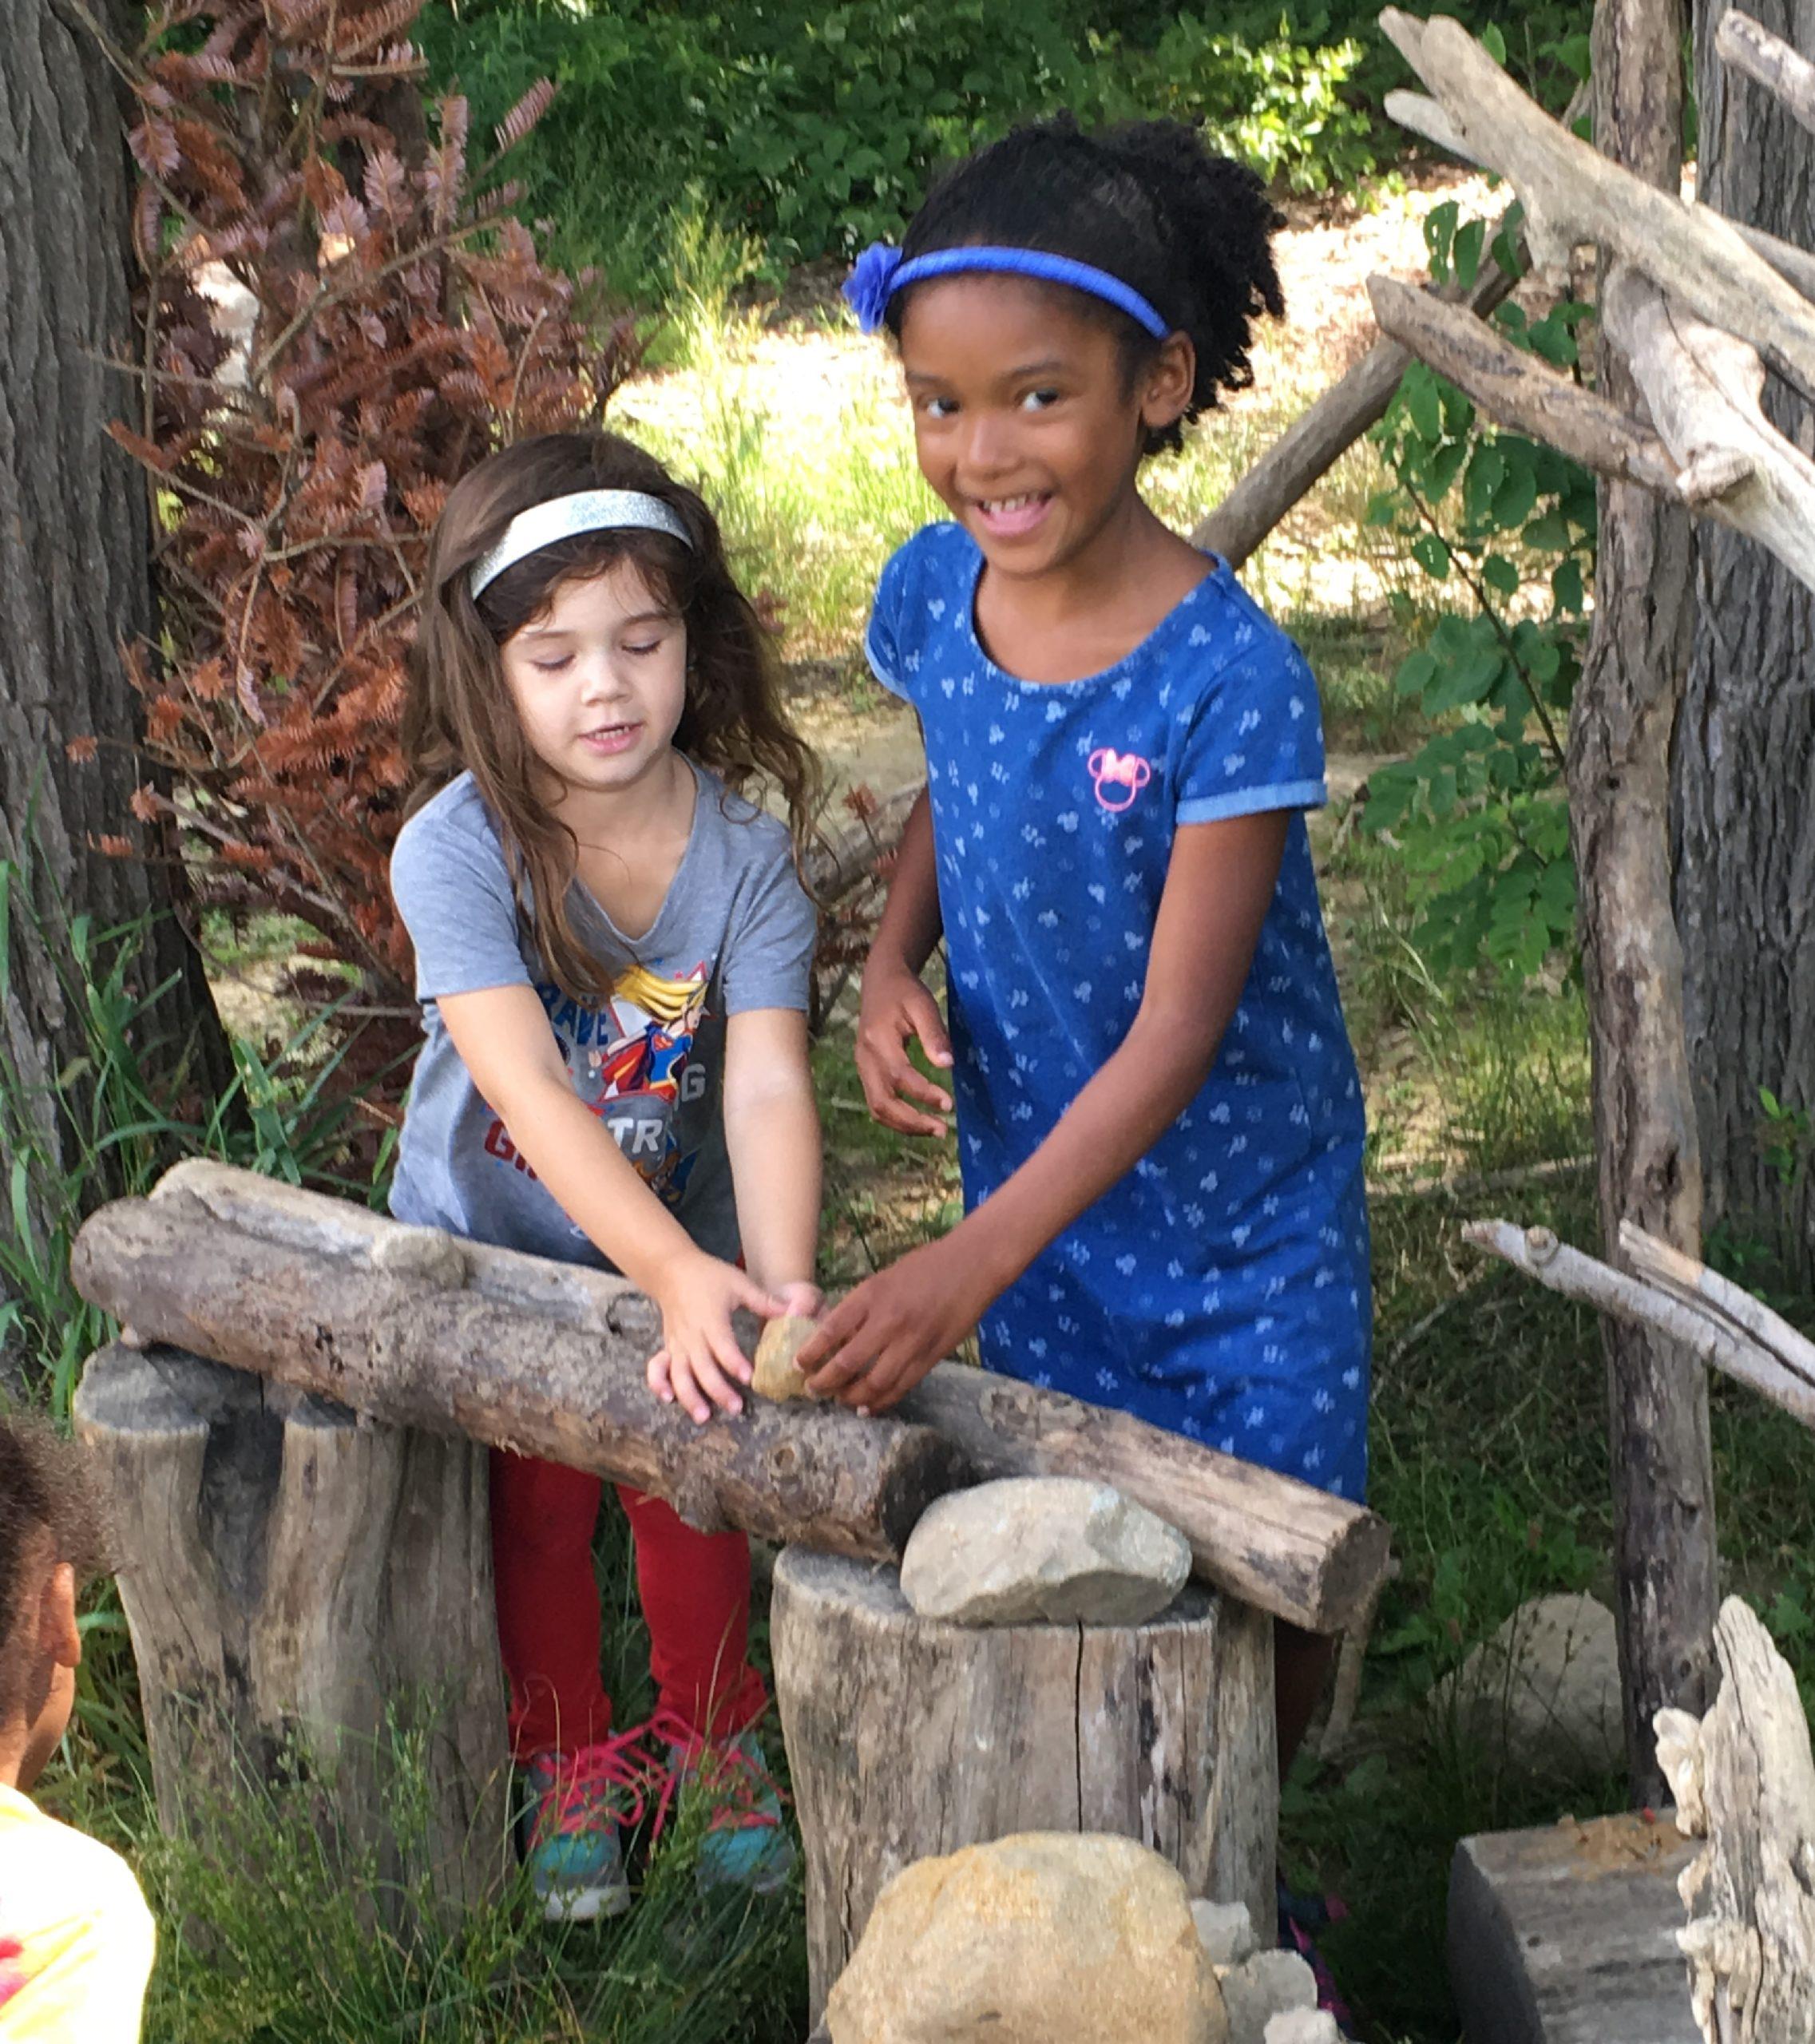 Children's House children enjoying outdoors